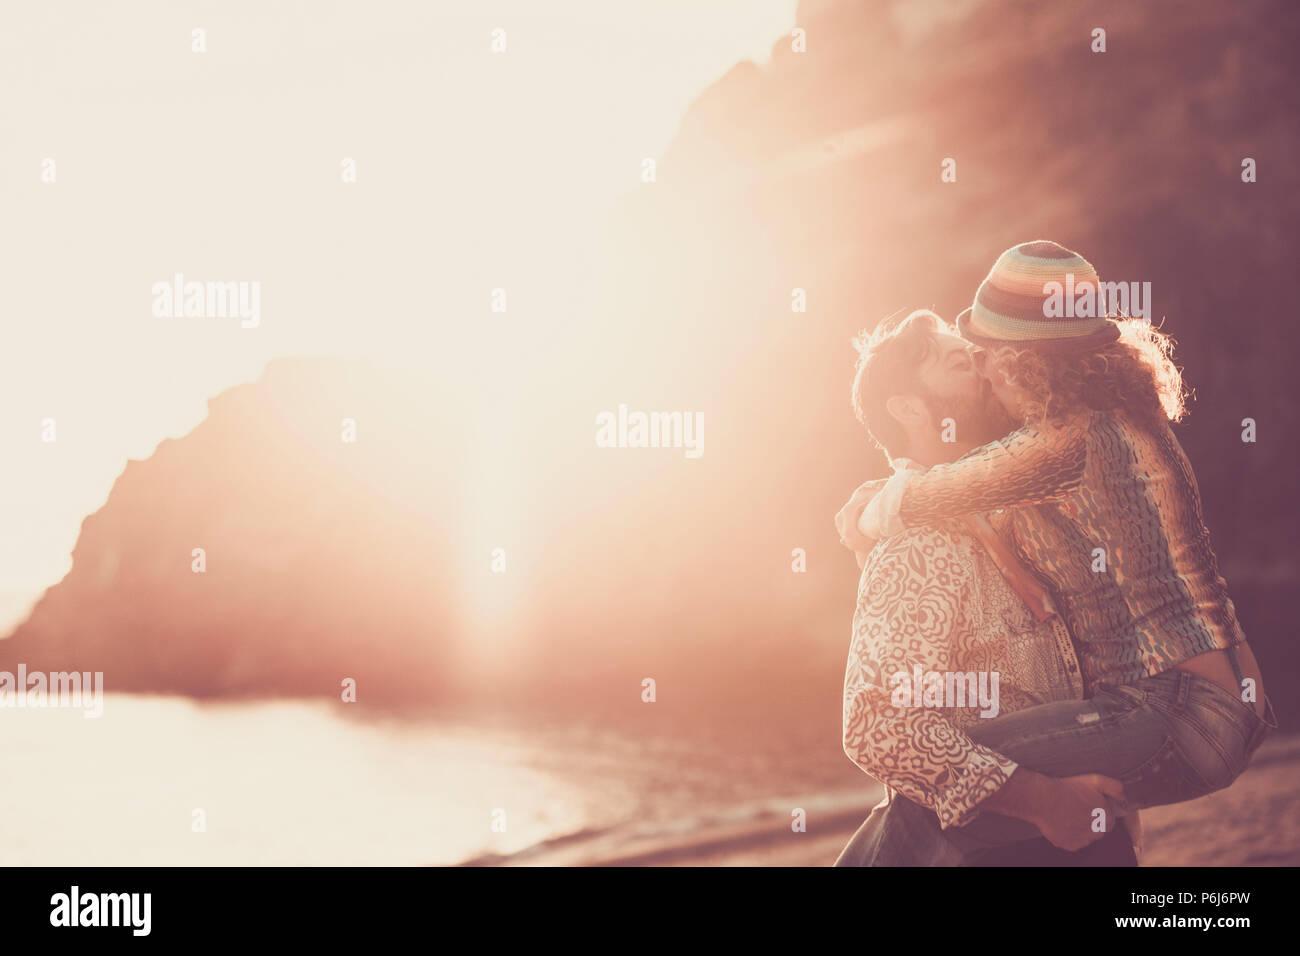 La mezza età caucasian giovane baciare sulla spiaggia durante un incredibile golden caldo tramonto con ornage e colori rosso. abbracciando e portante con passione un Immagini Stock